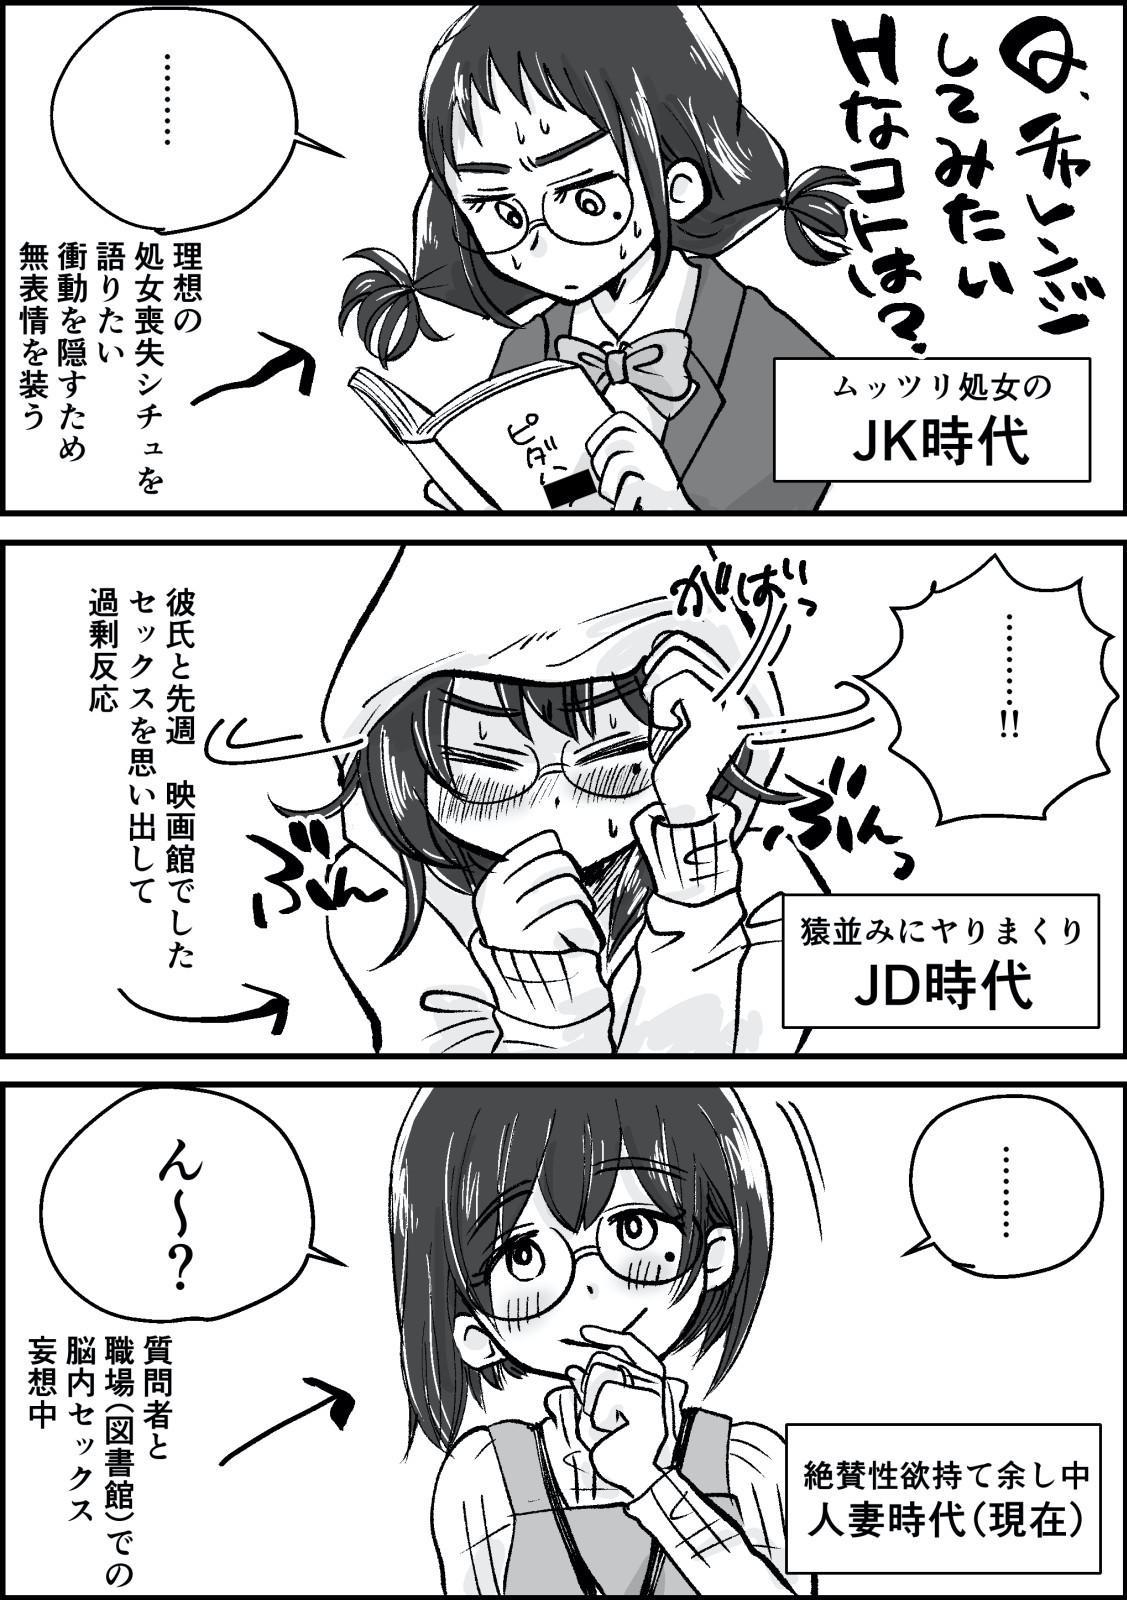 [Megitsune Works] Wakazuma-san wa Yokkyuu Fuman! Akogare no Shisho no Wakazuma-san ga Gakusei Beit no Boku no Fudeoroshi o Shite kuremashita. 76